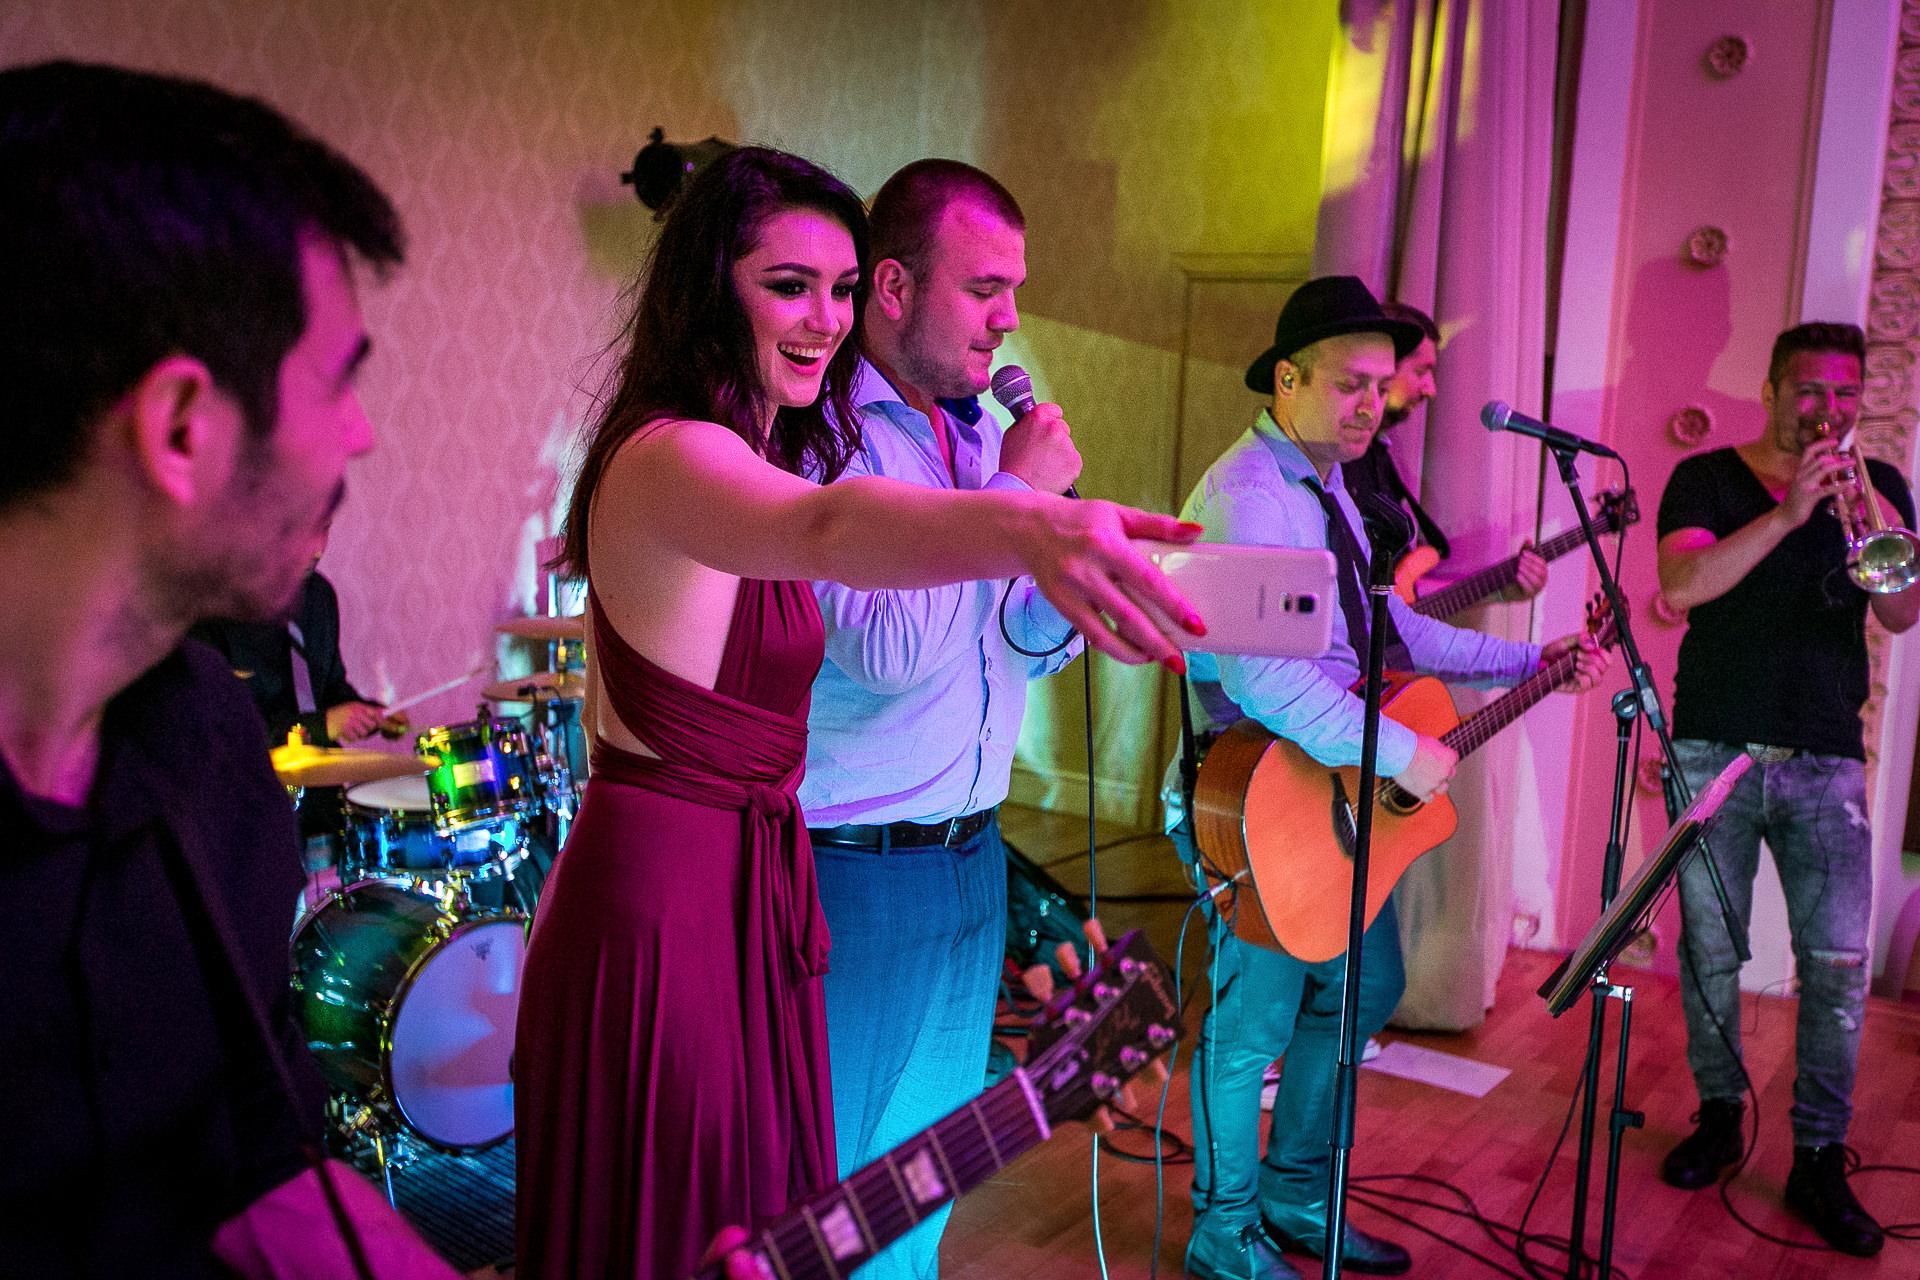 nuntă Salon Elisabeta - Elena şi Costin - Mihai Zaharia Photography - 096